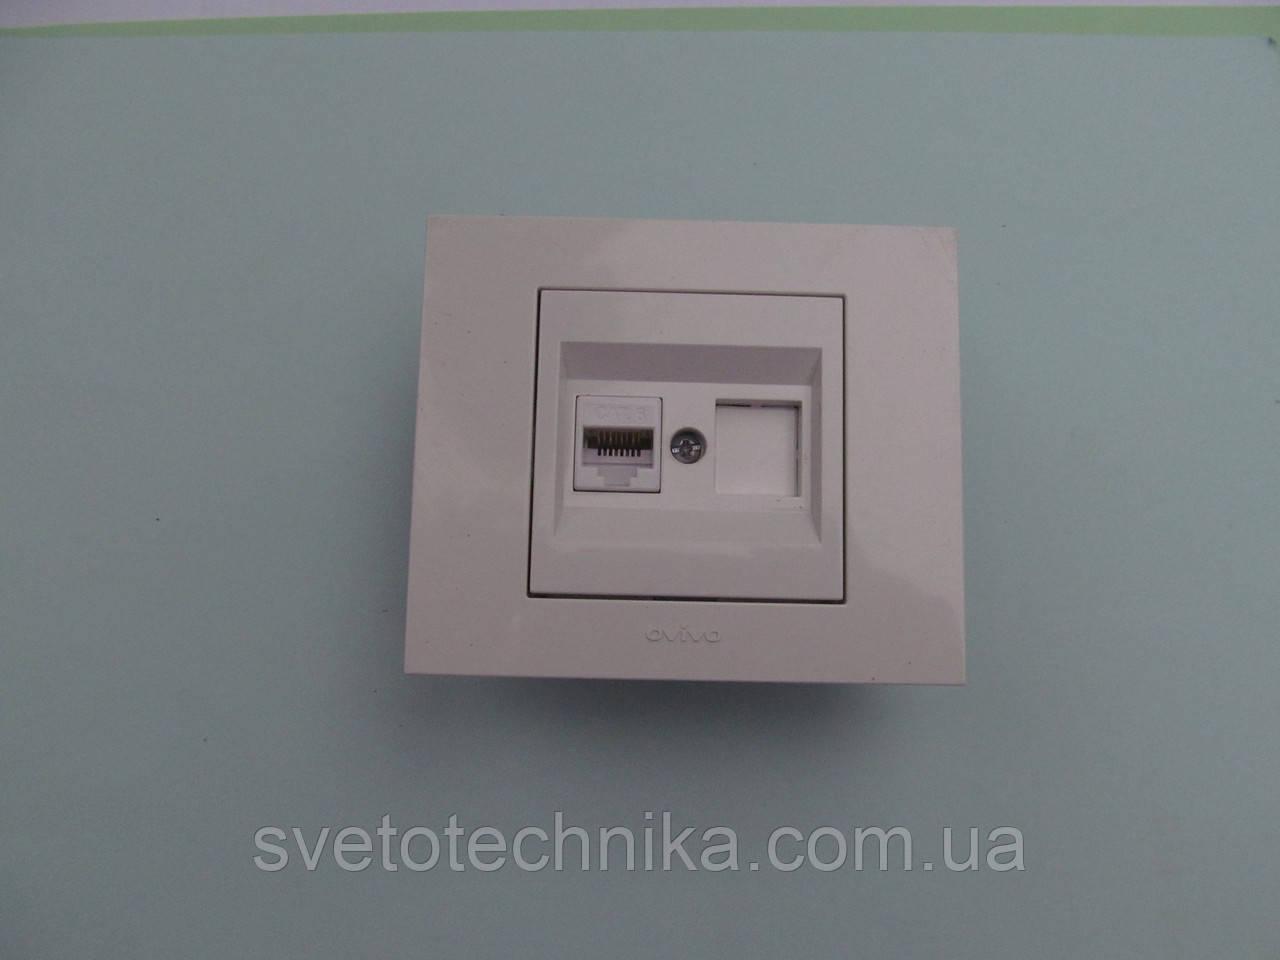 Розетка компьютерная+телефонная OVIVO Grano  (белый)